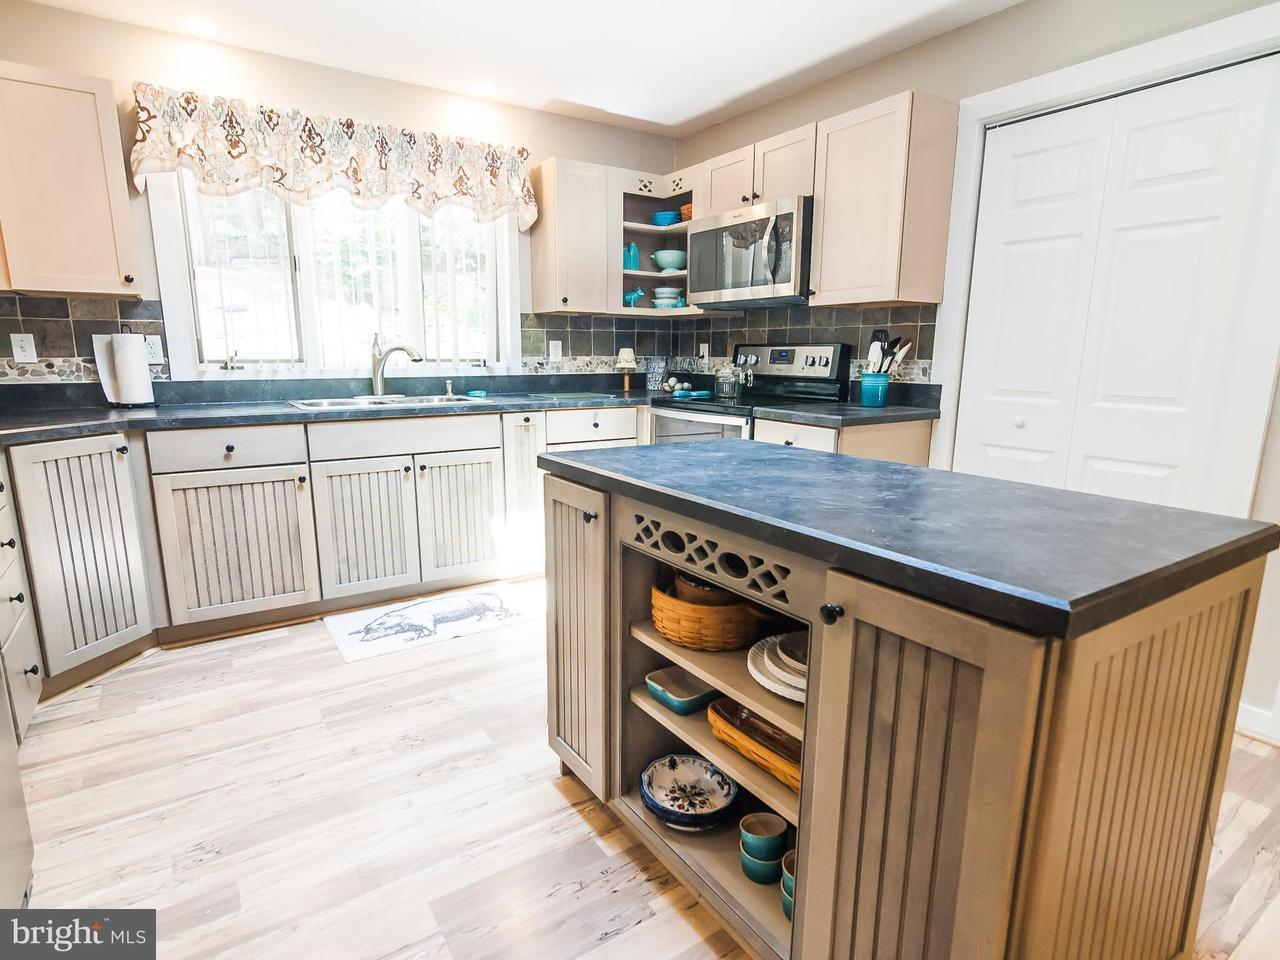 Μονοκατοικία για την Πώληση στο 1162 RIDGE Road 1162 RIDGE Road Pylesville, Μεριλαντ 21132 Ηνωμενεσ Πολιτειεσ